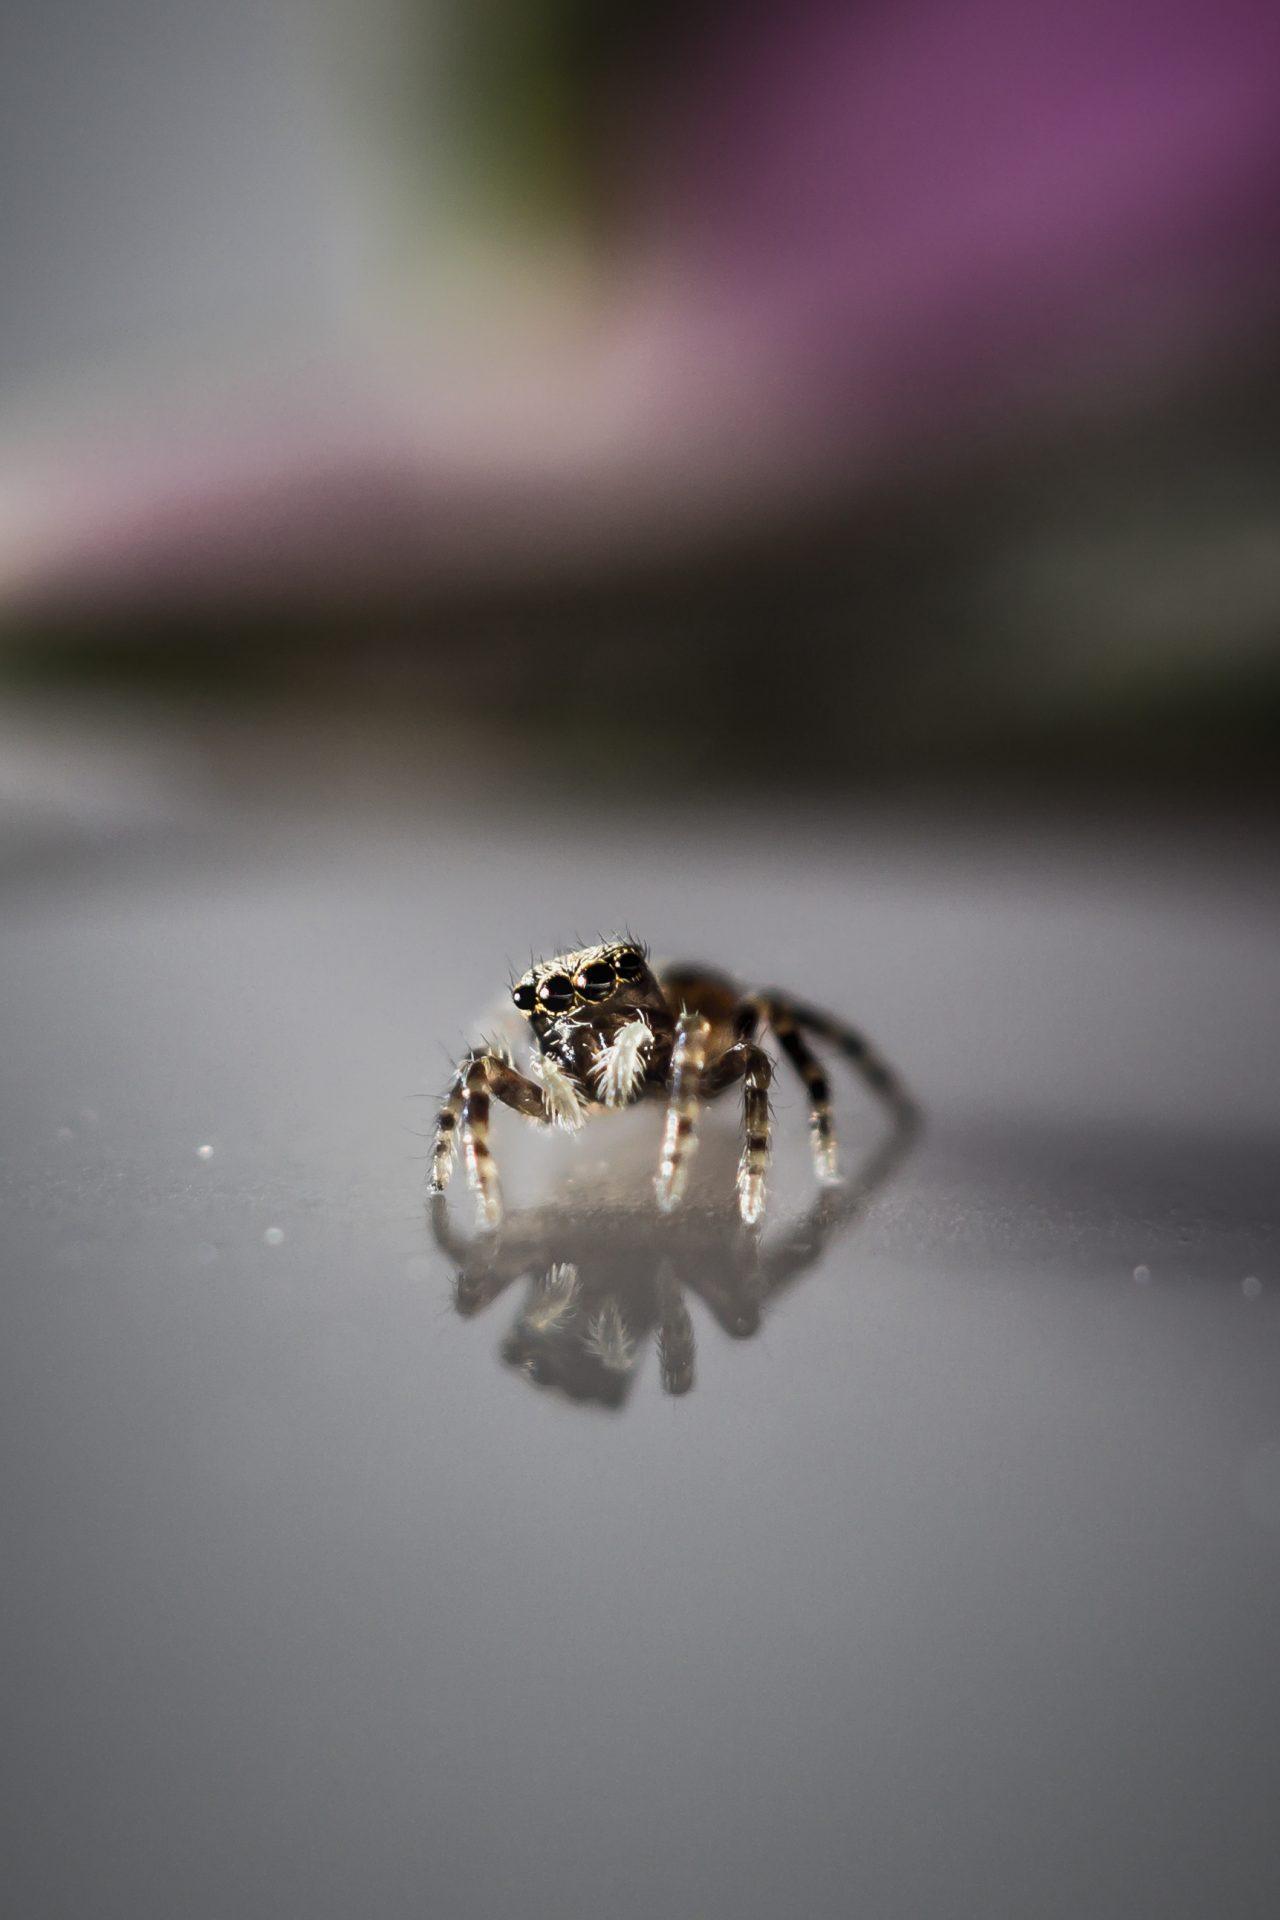 Macro fotografie - Springspinnen